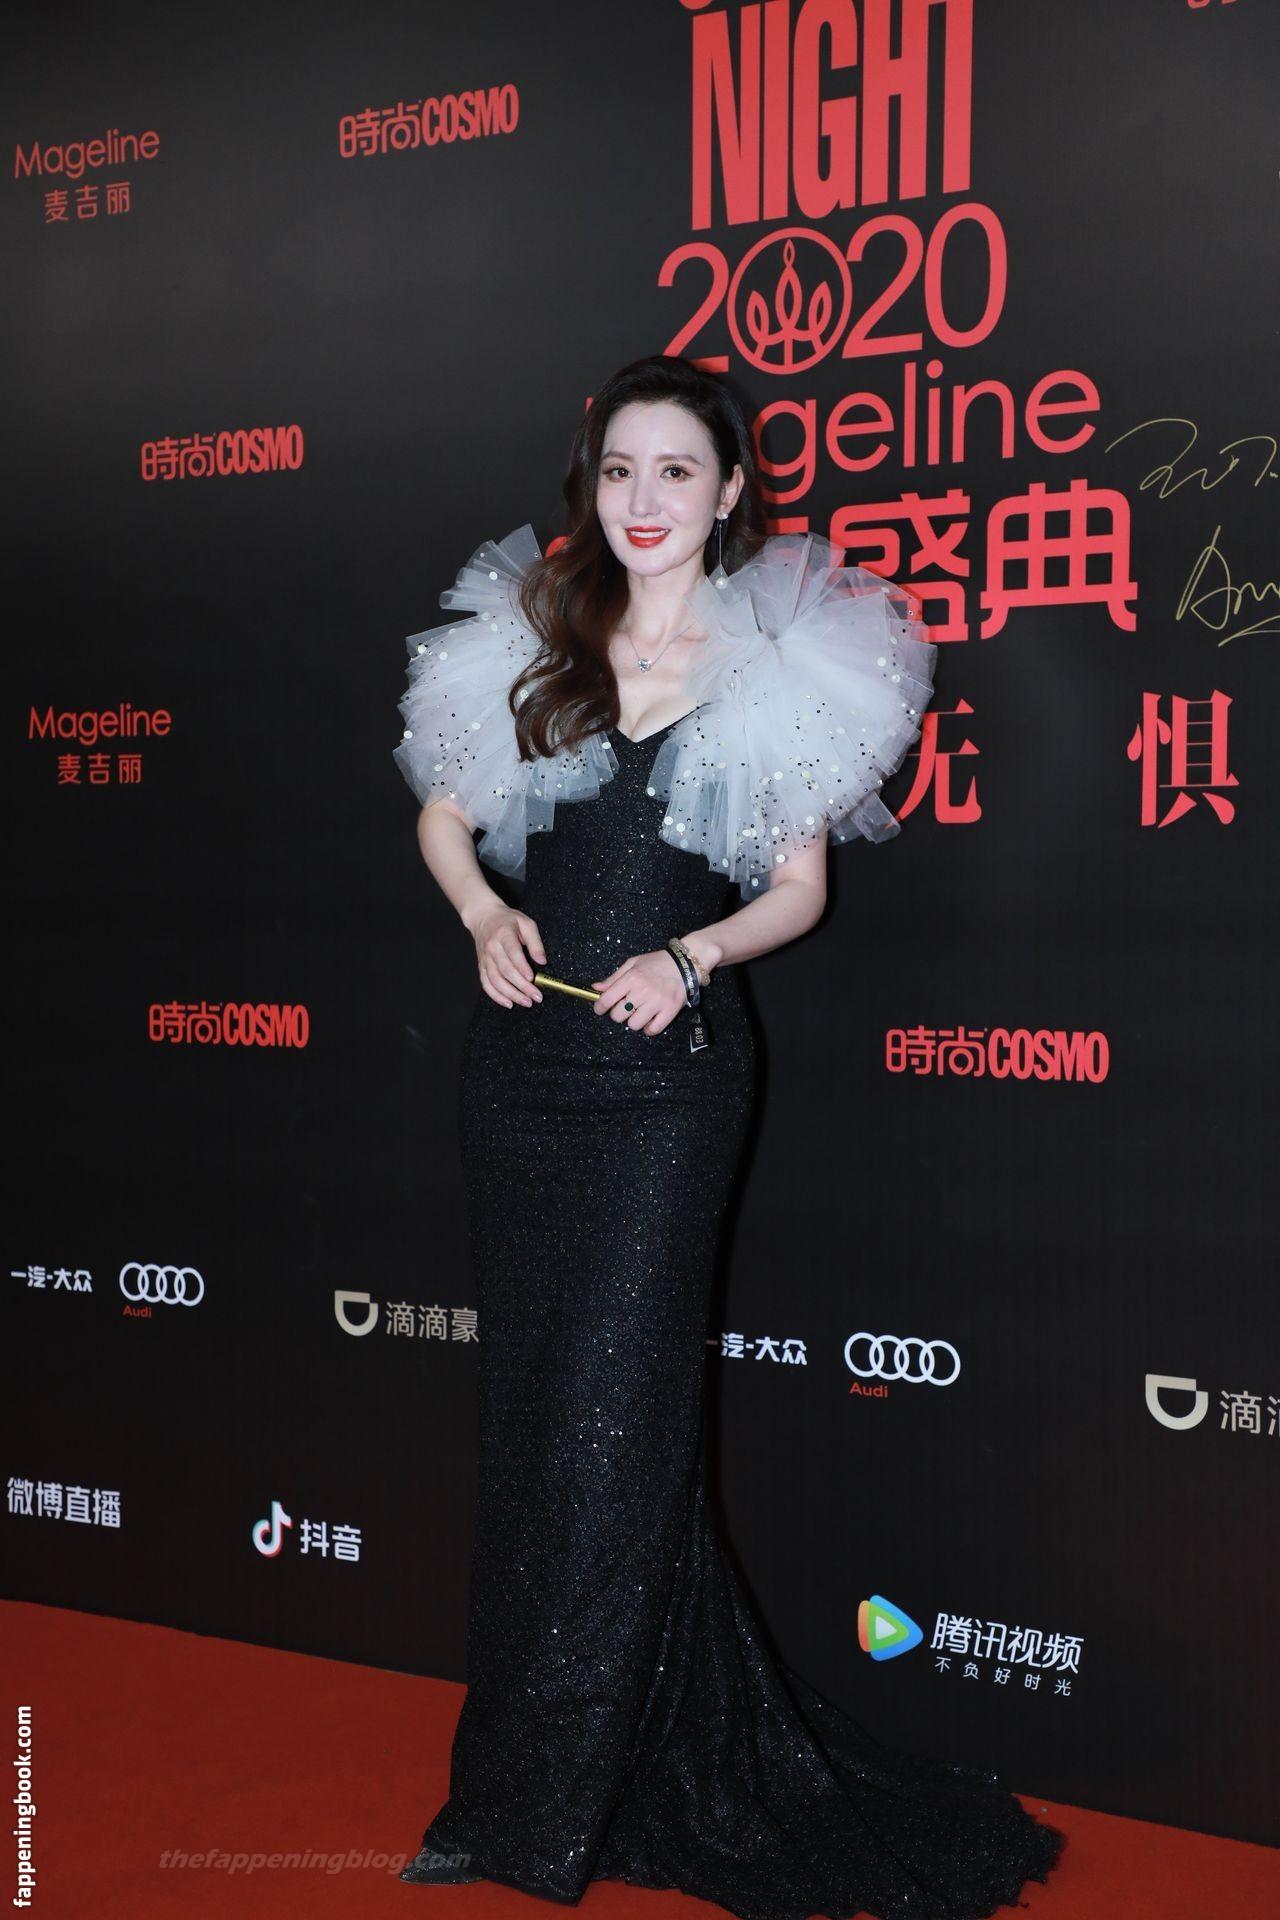 Zhang nackt Meng Zeitgenössische Fotographie